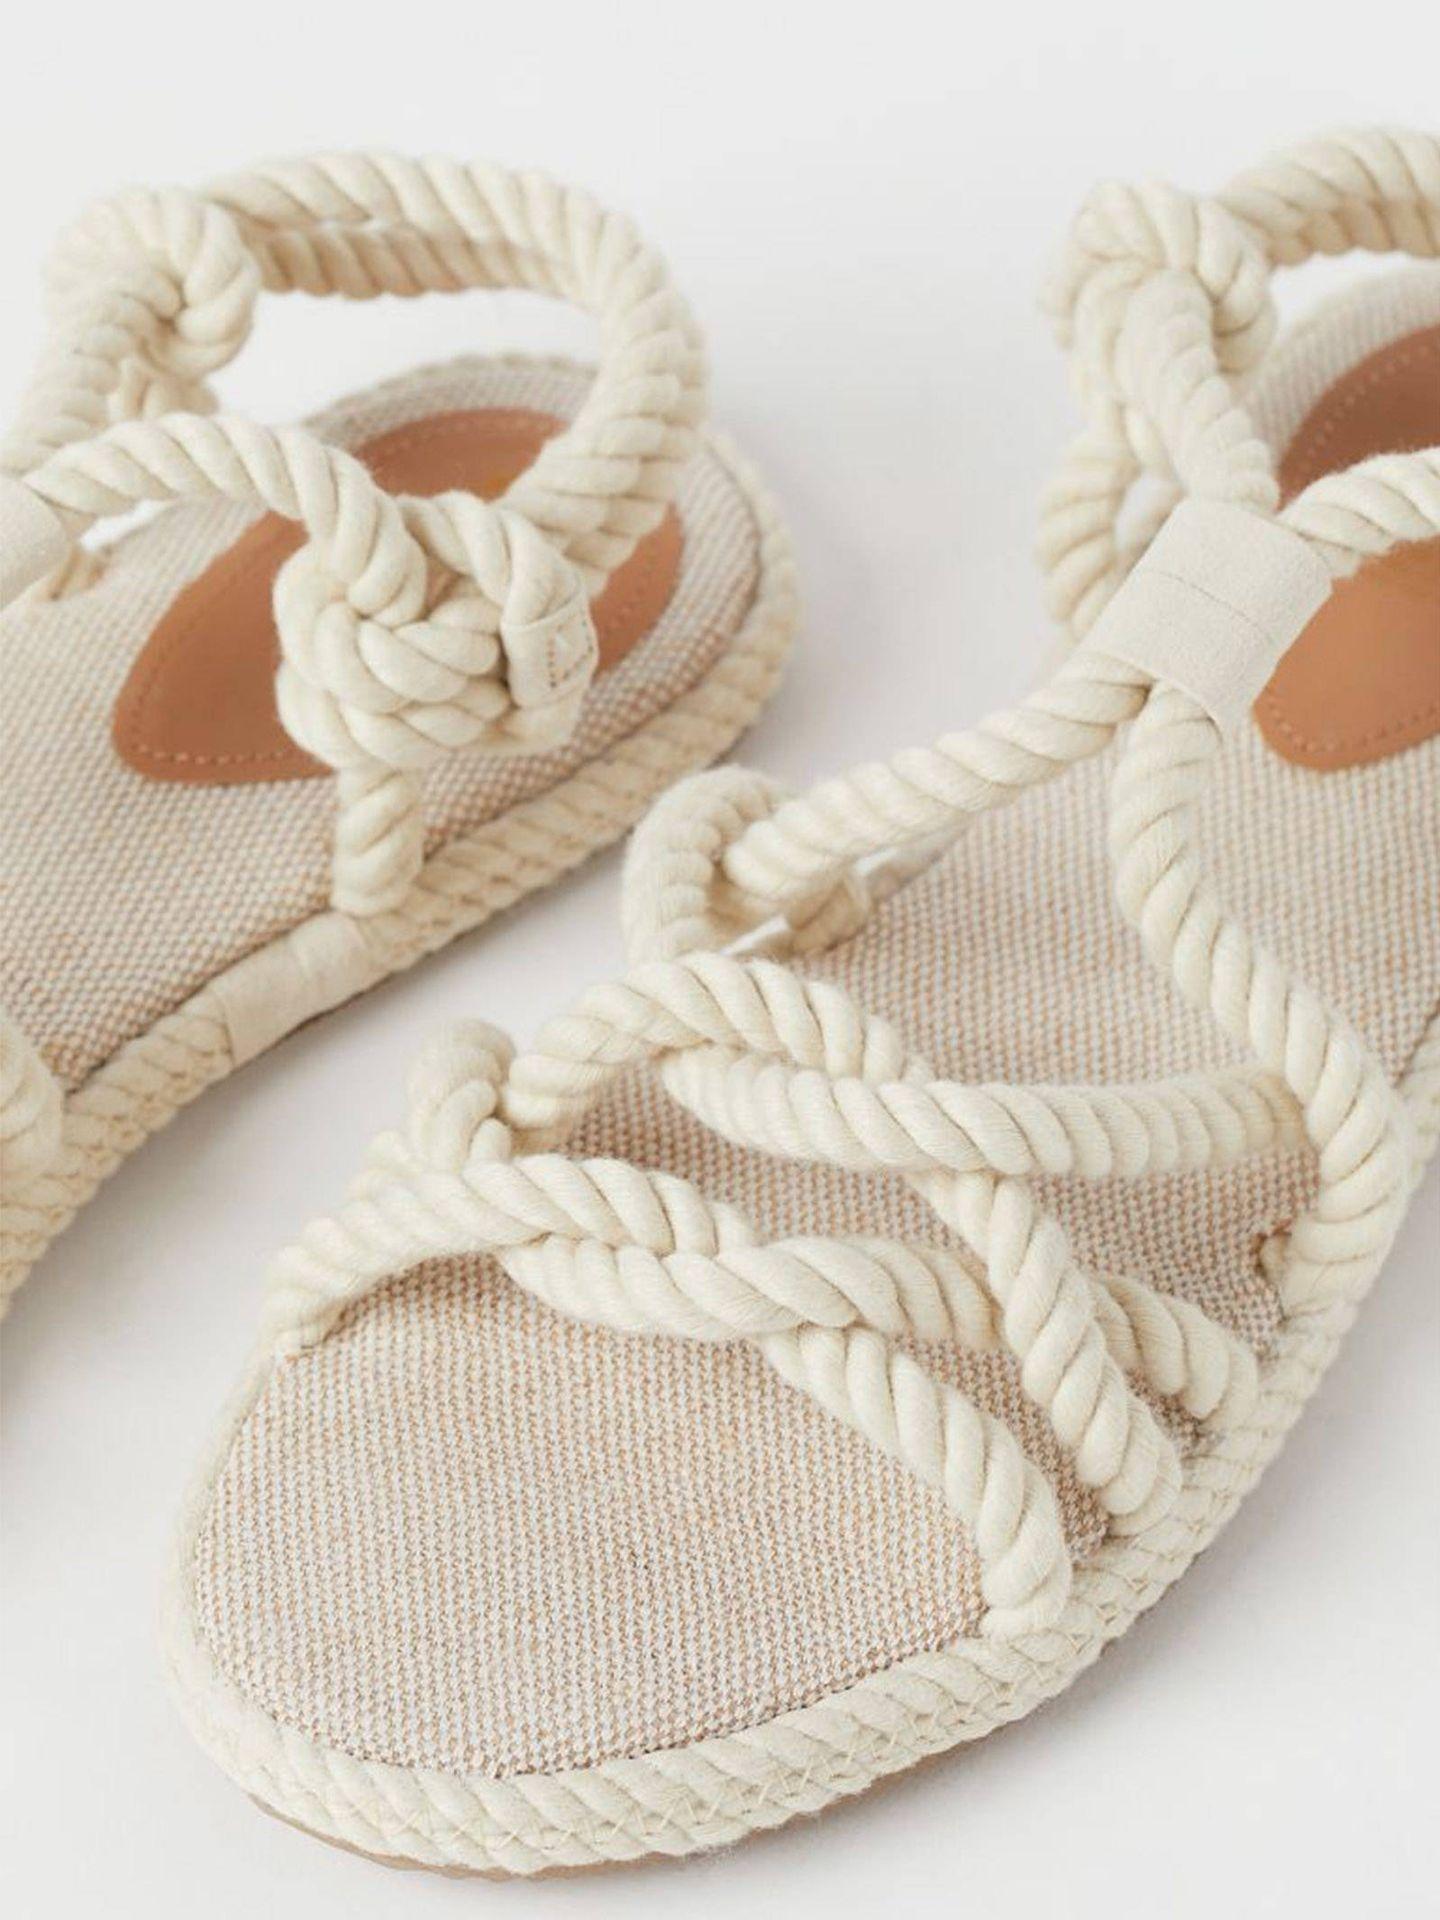 Sandalias de cuerdas de HyM. (Cortesía)